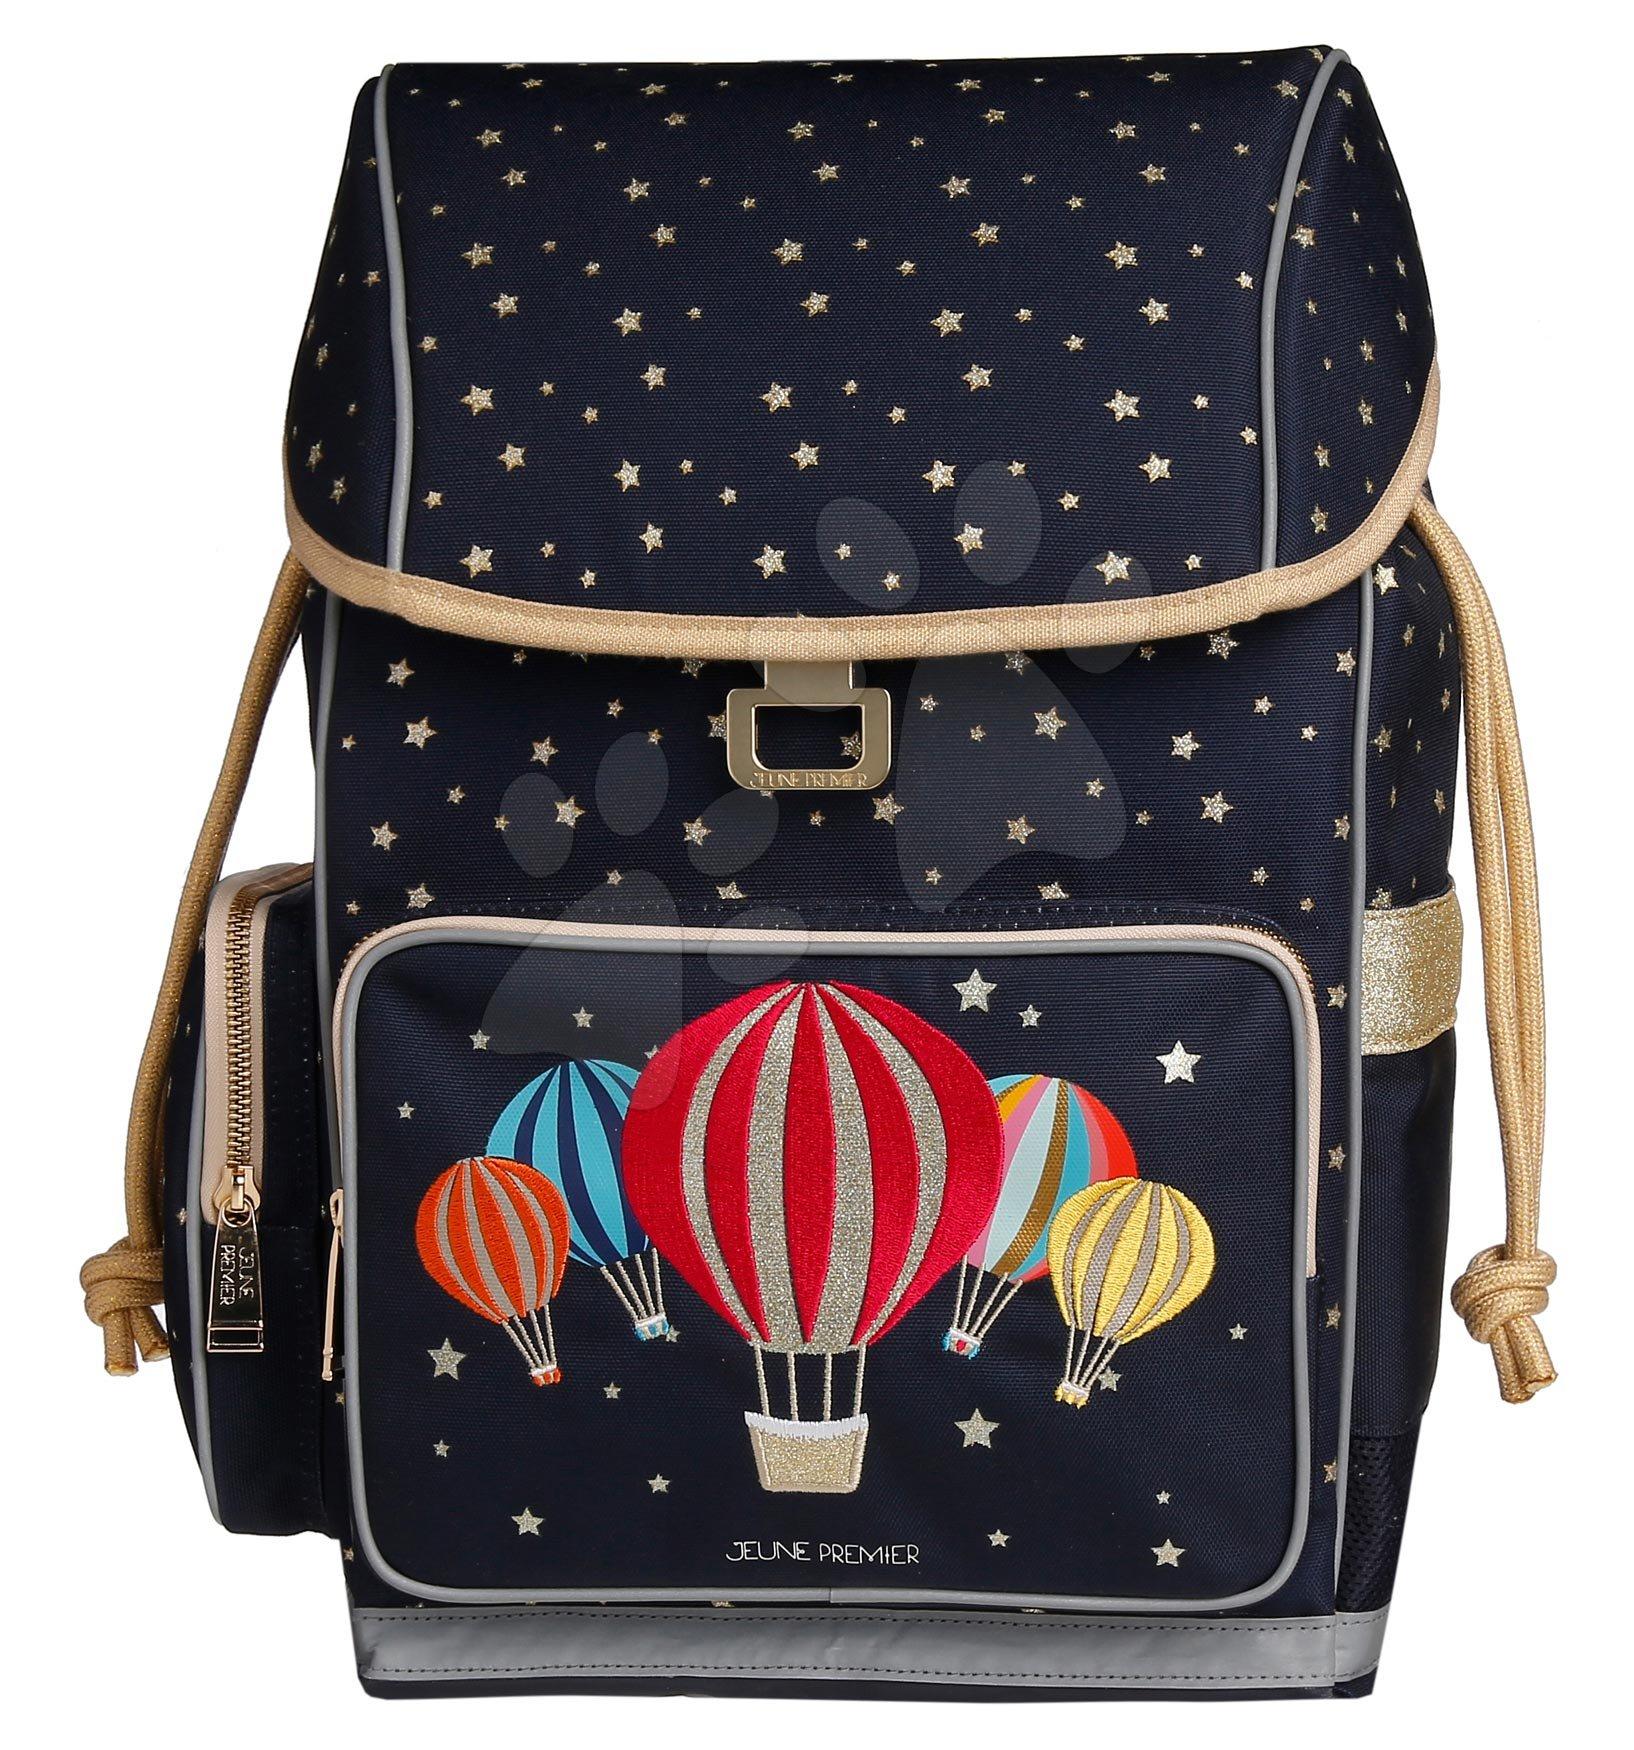 Školske torbe i ruksaci - Školský batoh veľký Ergomaxx Balloons Jeune Premier ergonomický luxusné prevedenie 39*26 cm JPERX21165